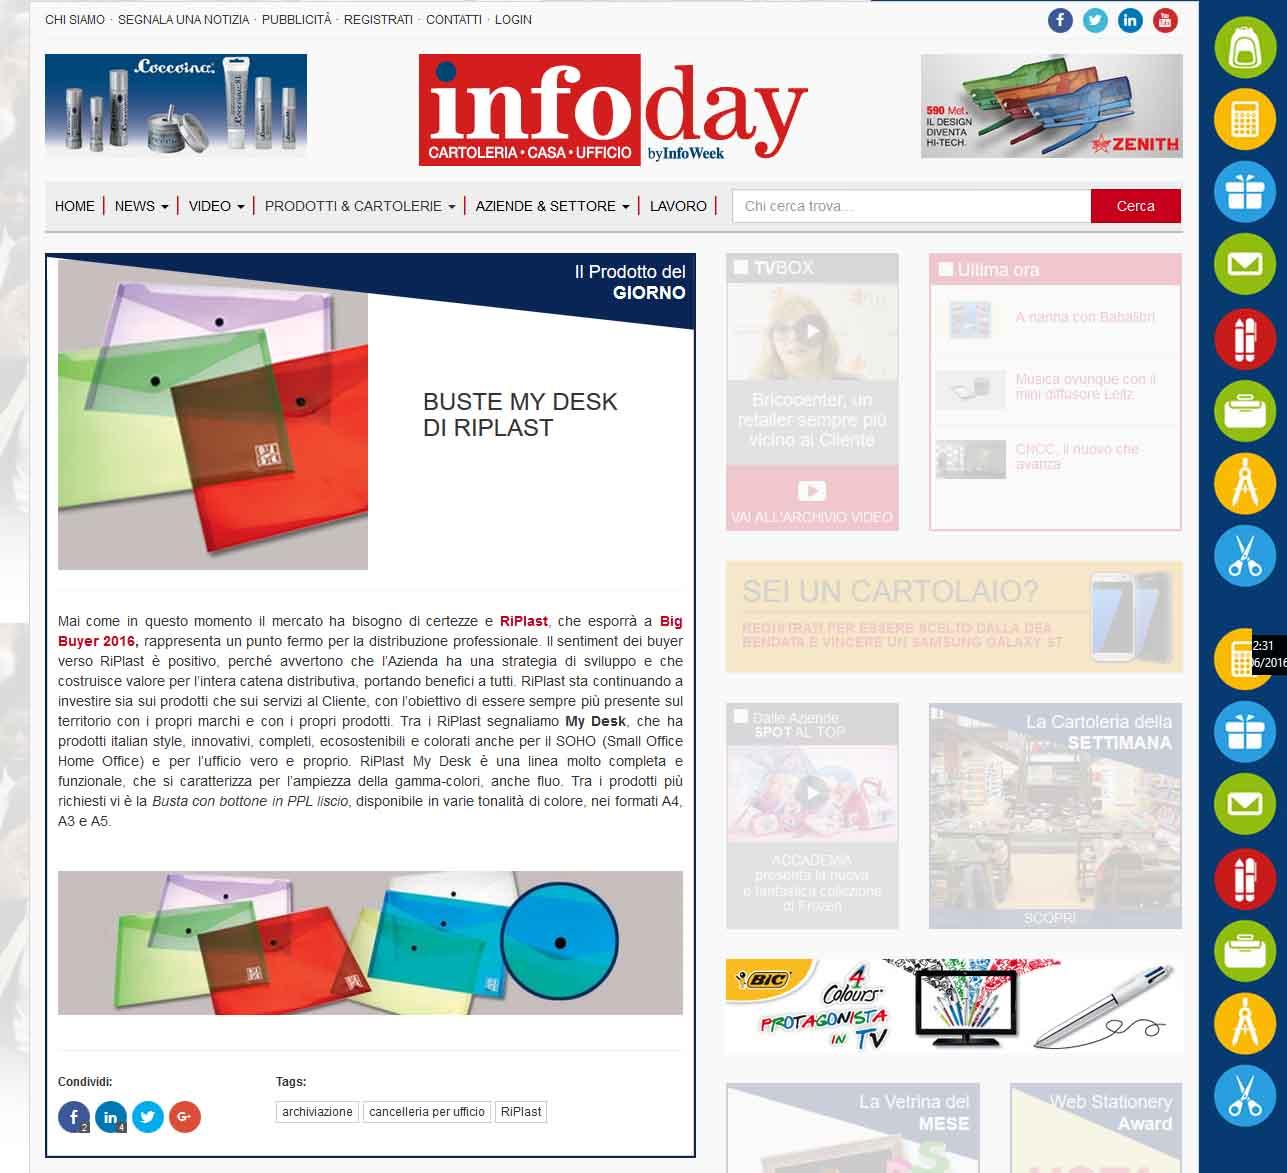 Infoday GIU2016 aticolo